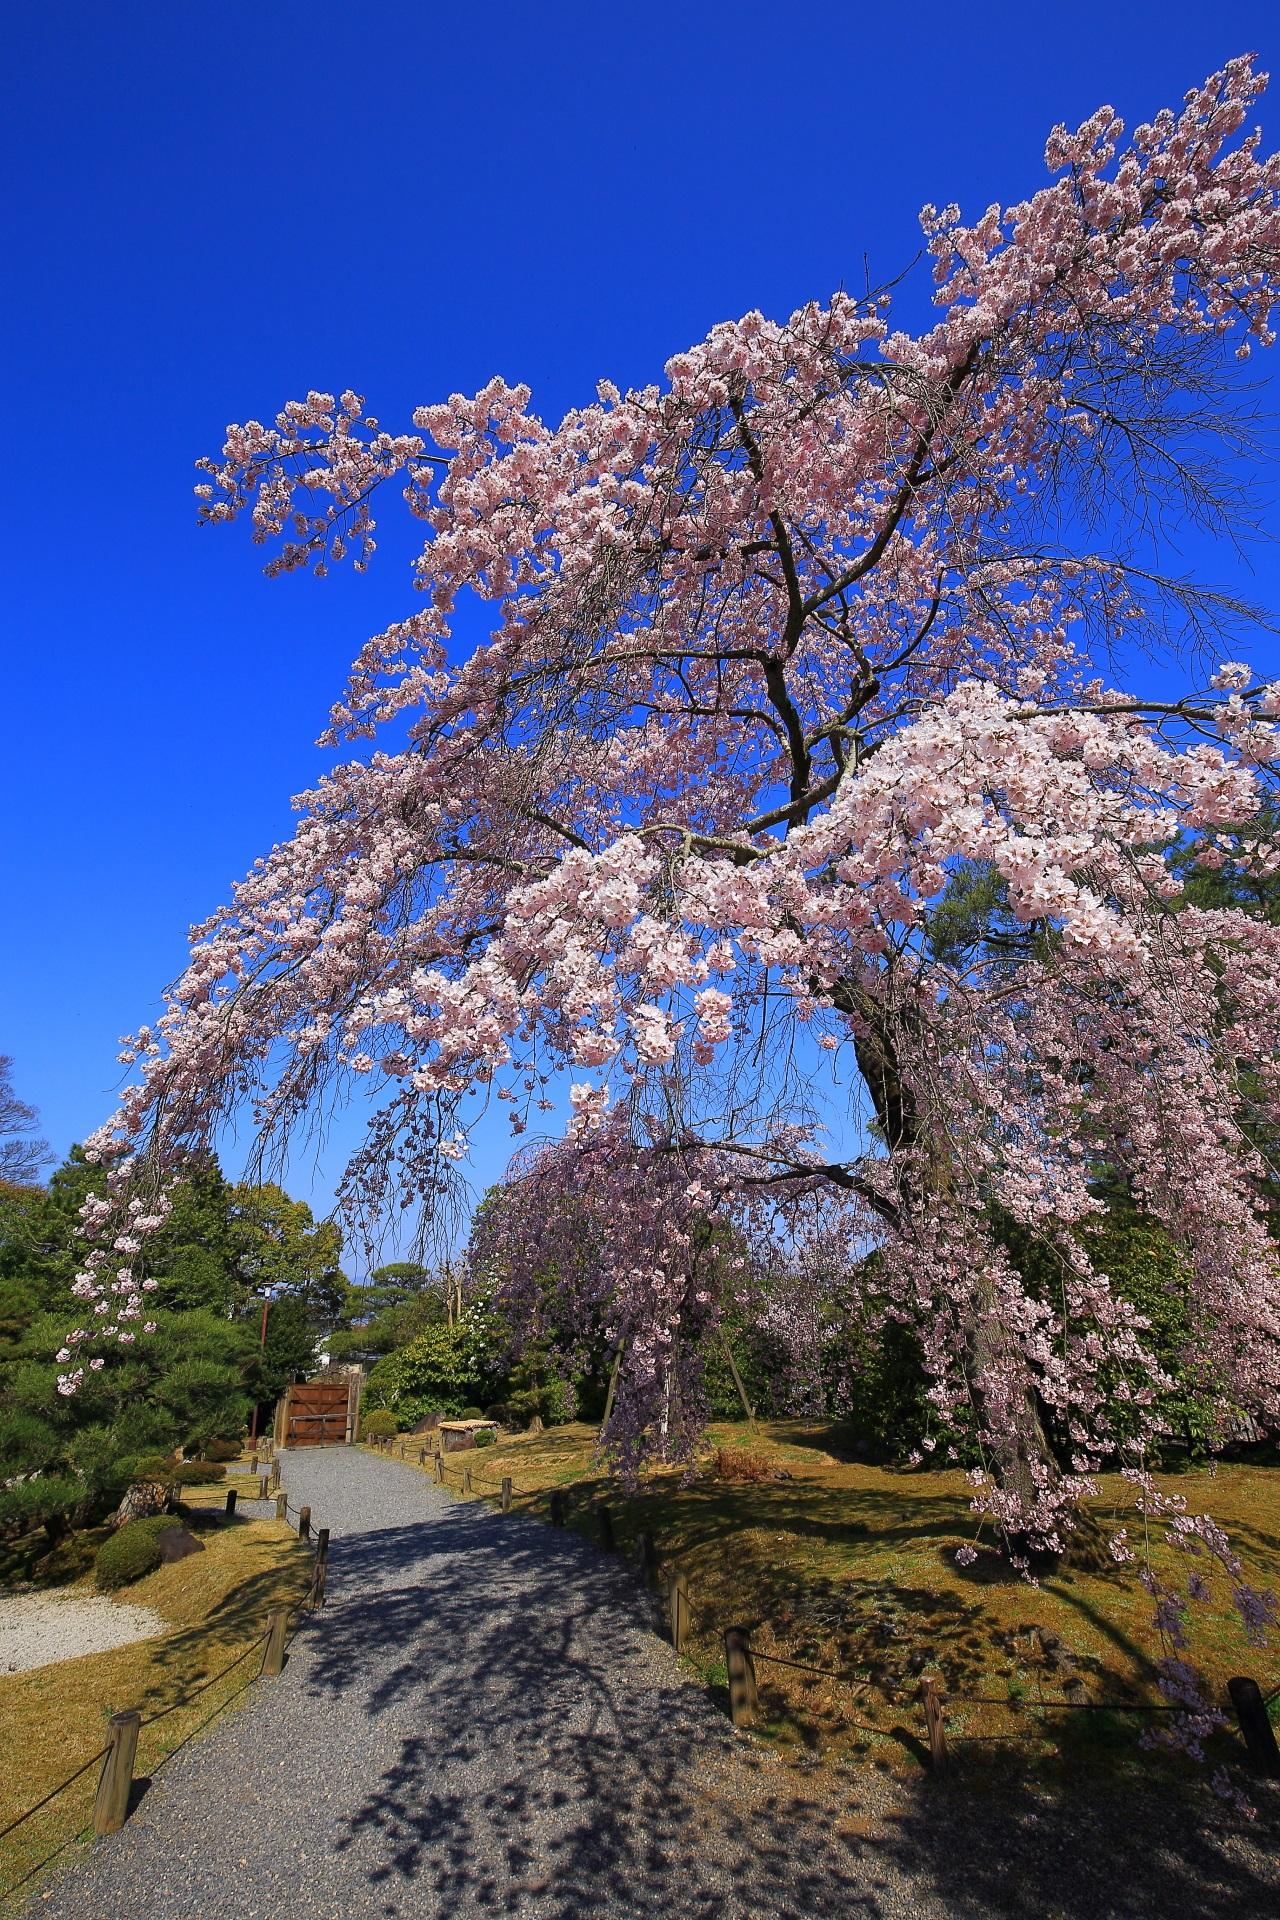 友禅苑の素晴らしすぎるしだれ桜と春の情景